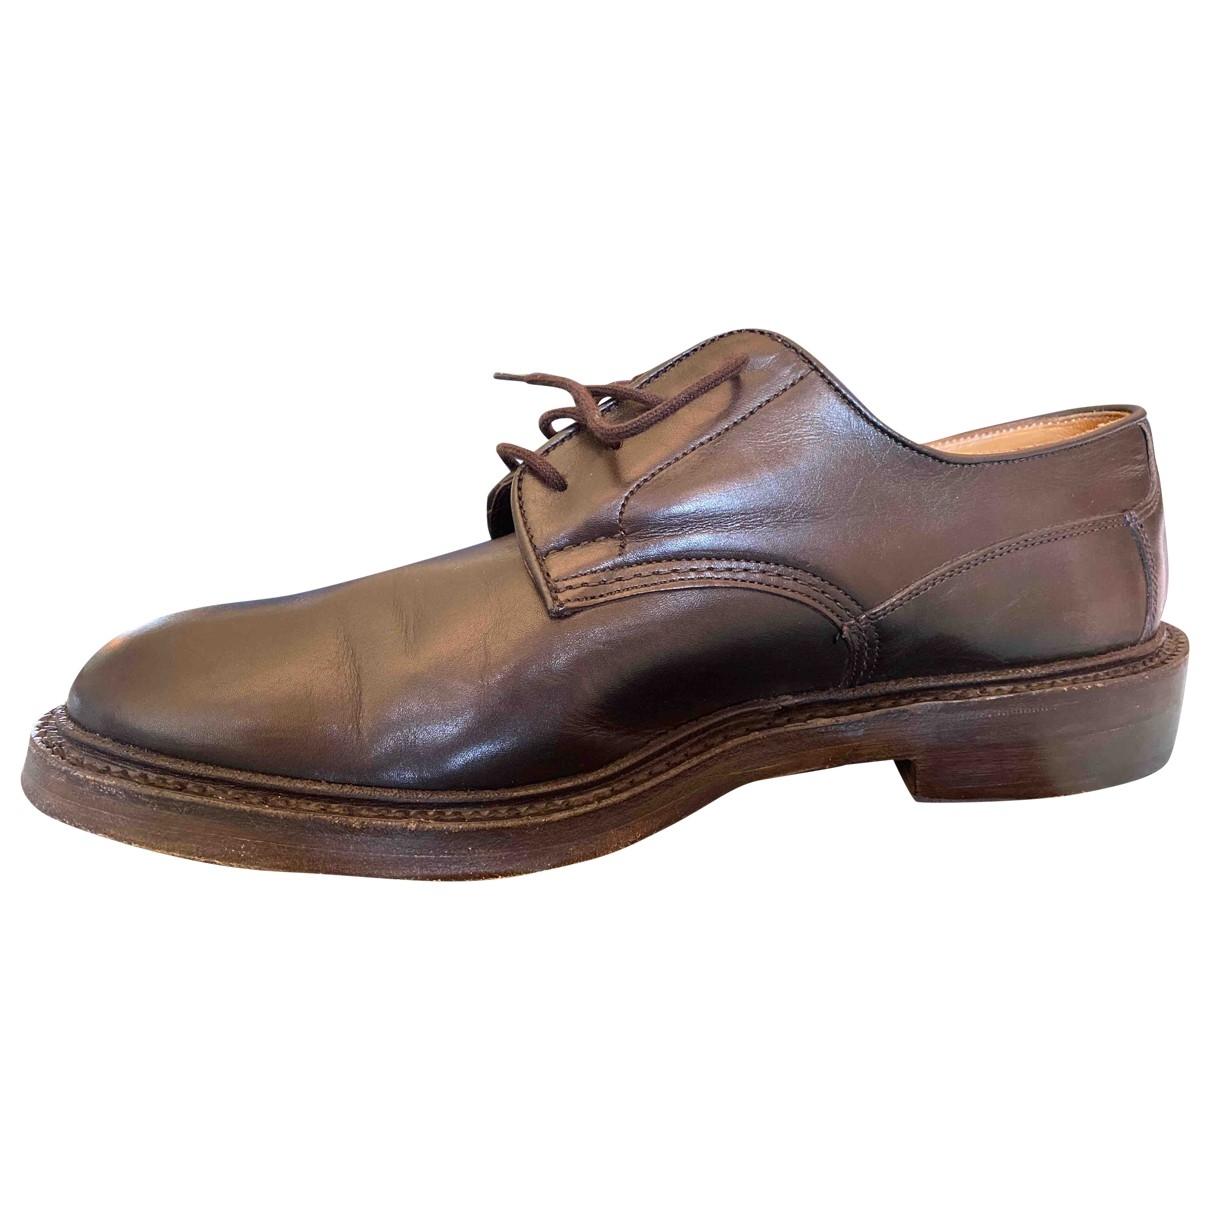 Trickers London - Derbies   pour homme en cuir - marron